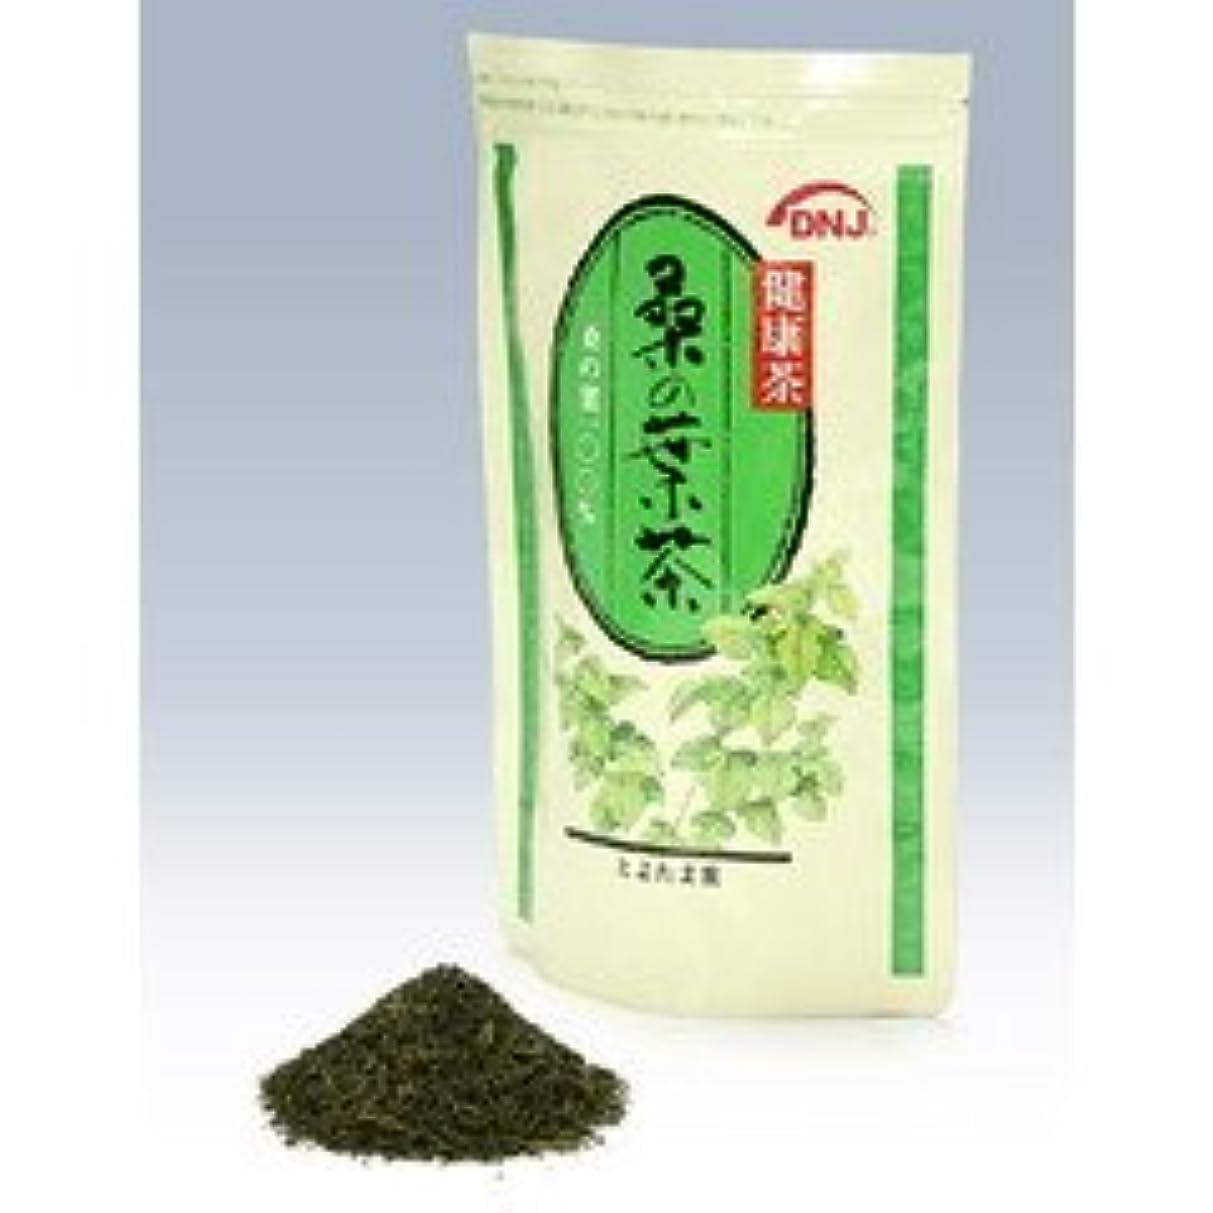 ペルセウスカートン財布トヨタマ 桑の葉茶 90g